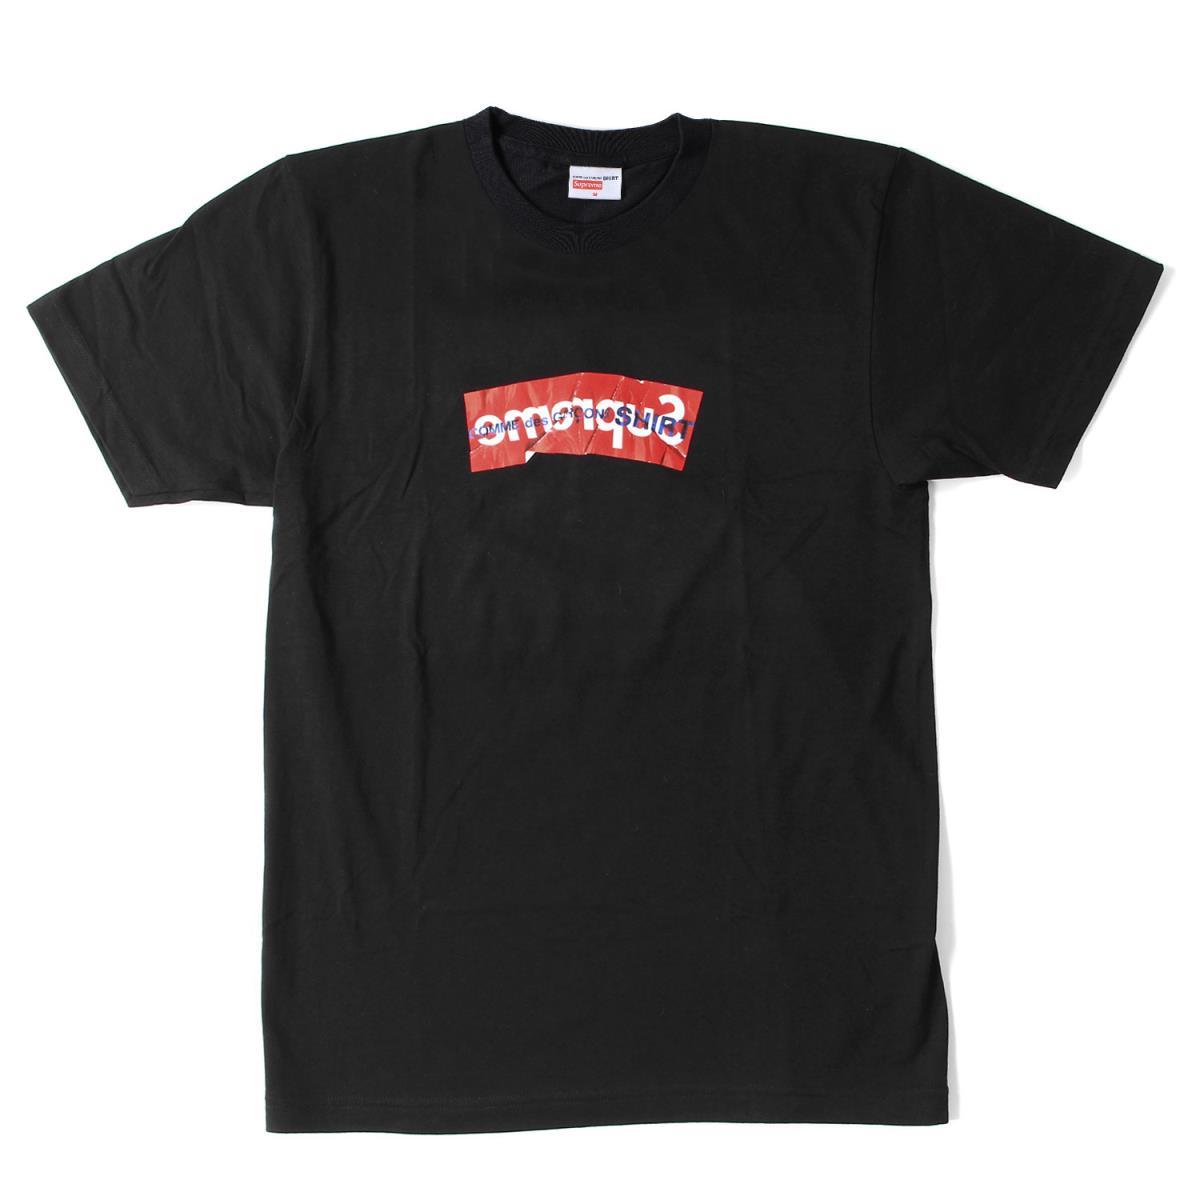 Supreme (シュプリーム) 17S/S ×COMME des GARCONS SHIRT BOXロゴTシャツ(Box Logo Tee) ブラック M 【メンズ】【K2092】【あす楽☆対応可】